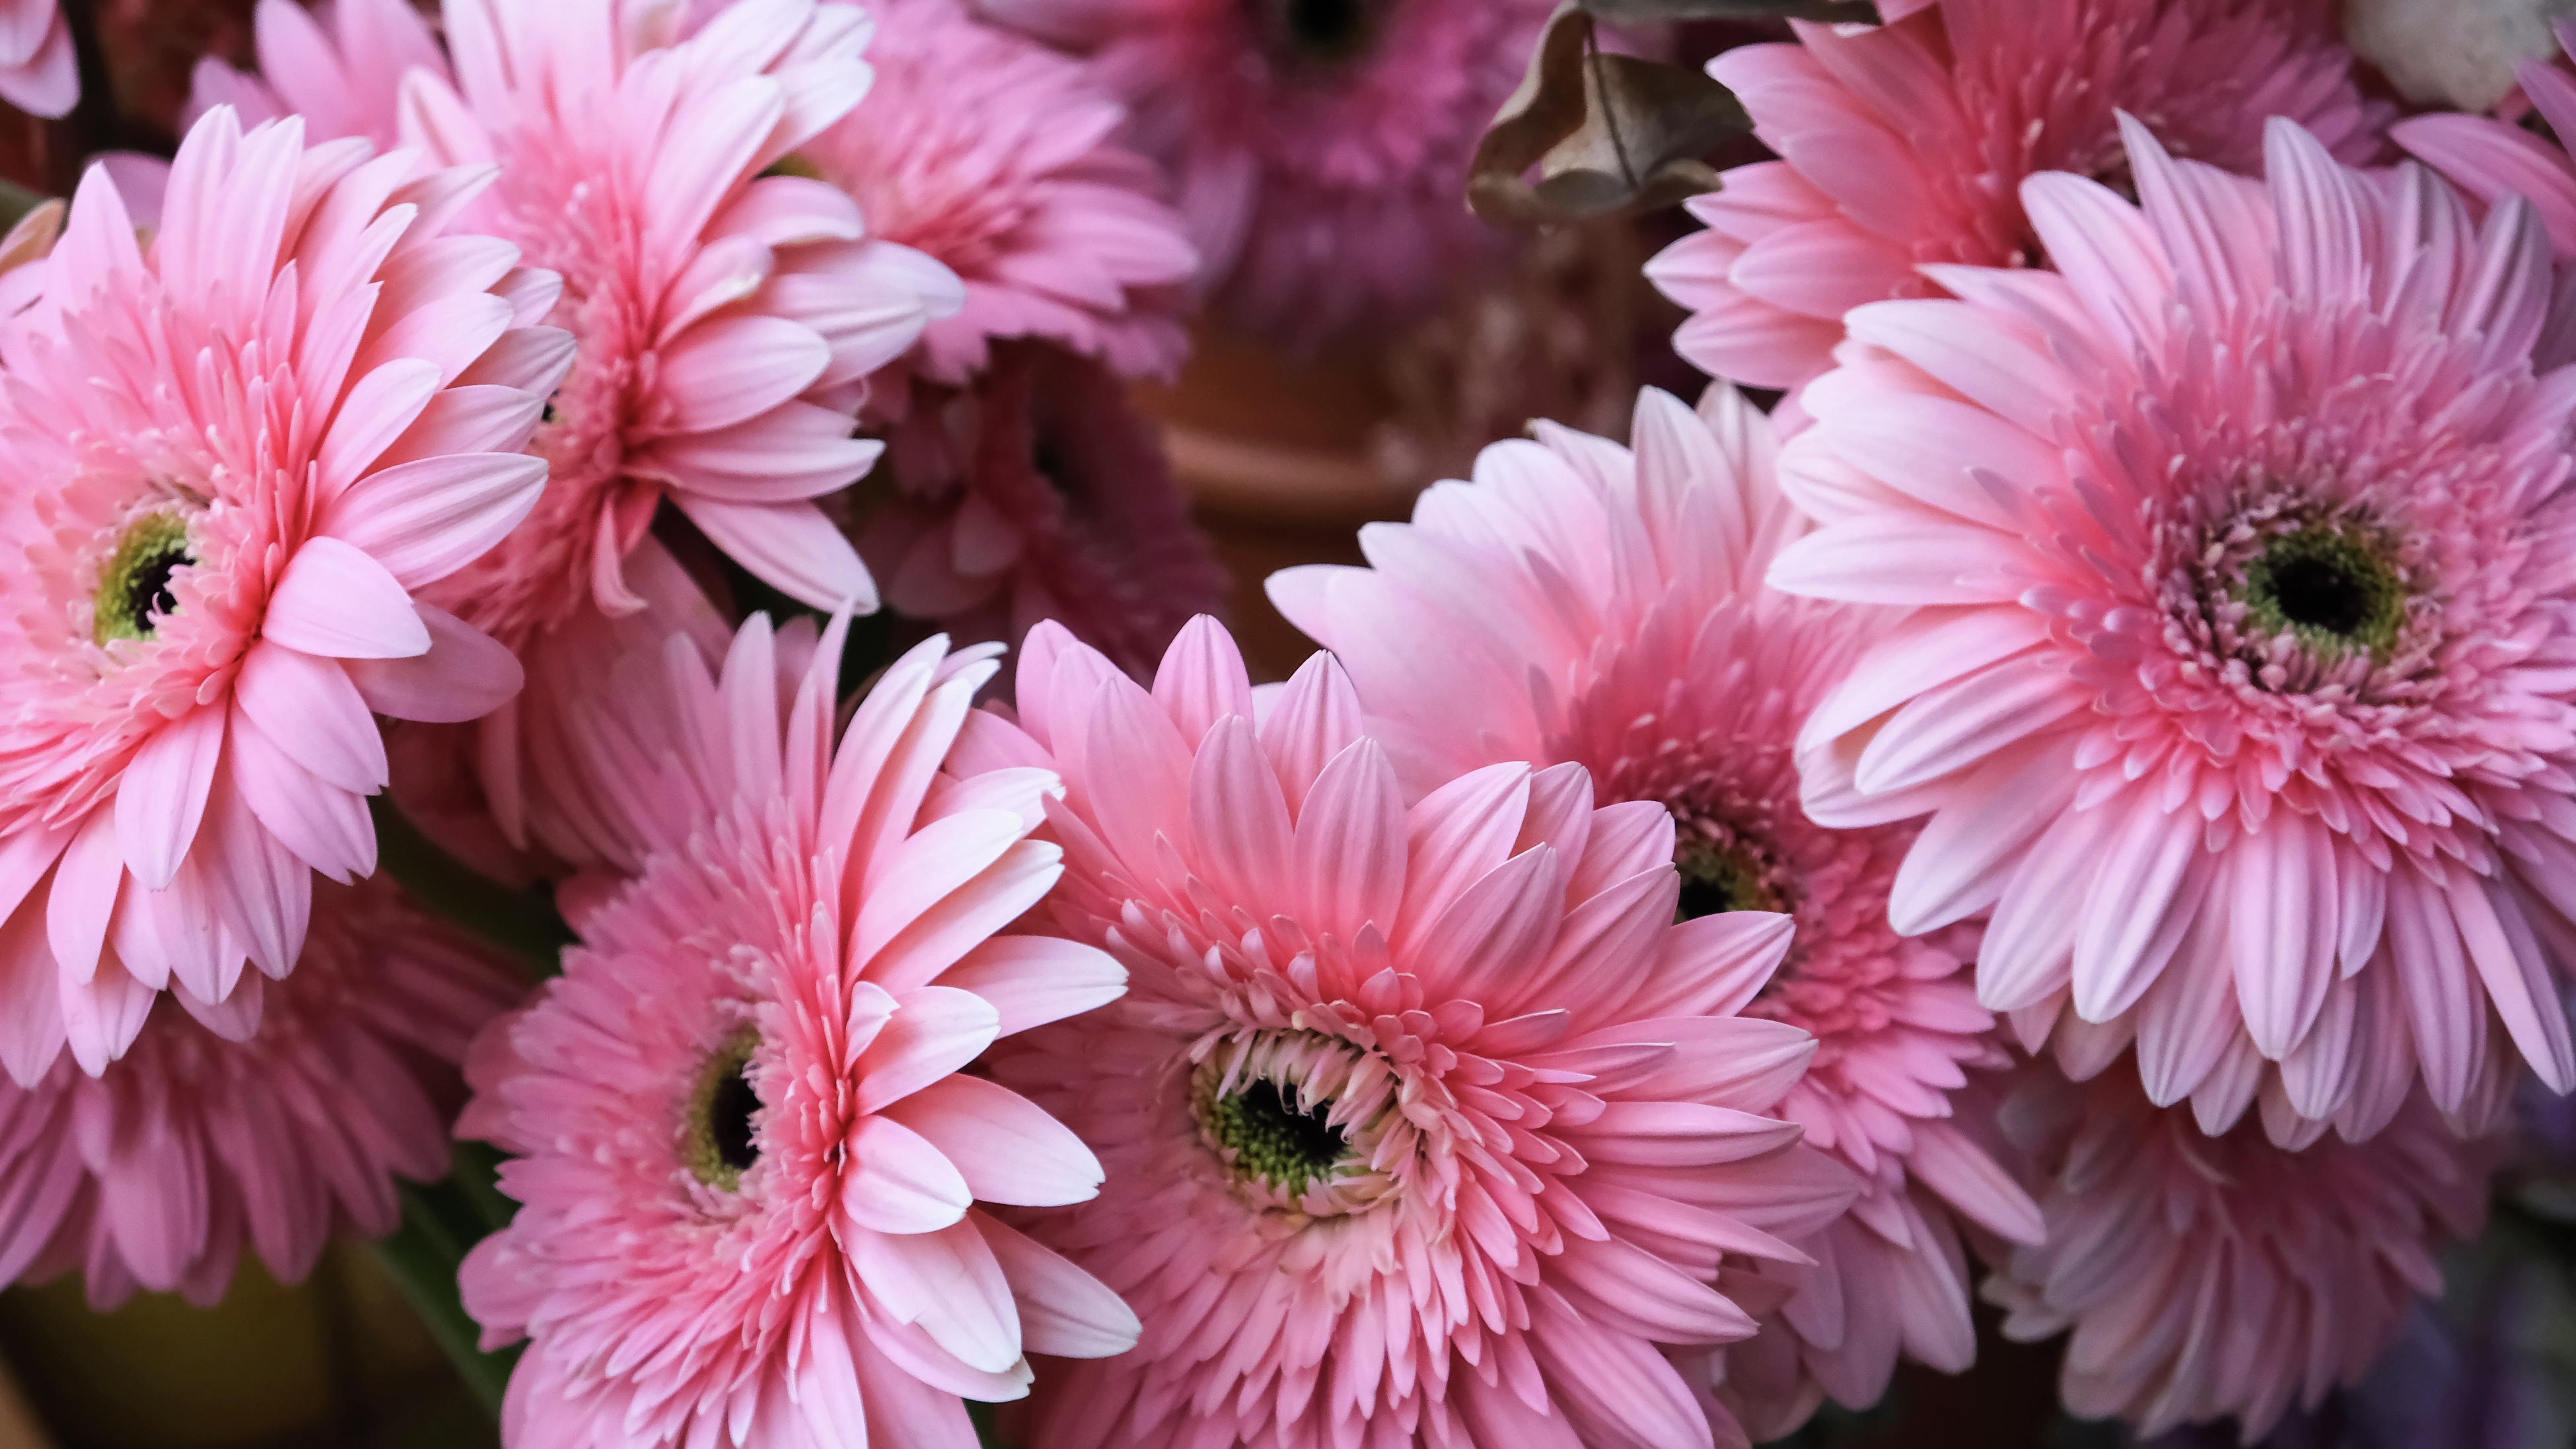 close up of pink gerbera flowers